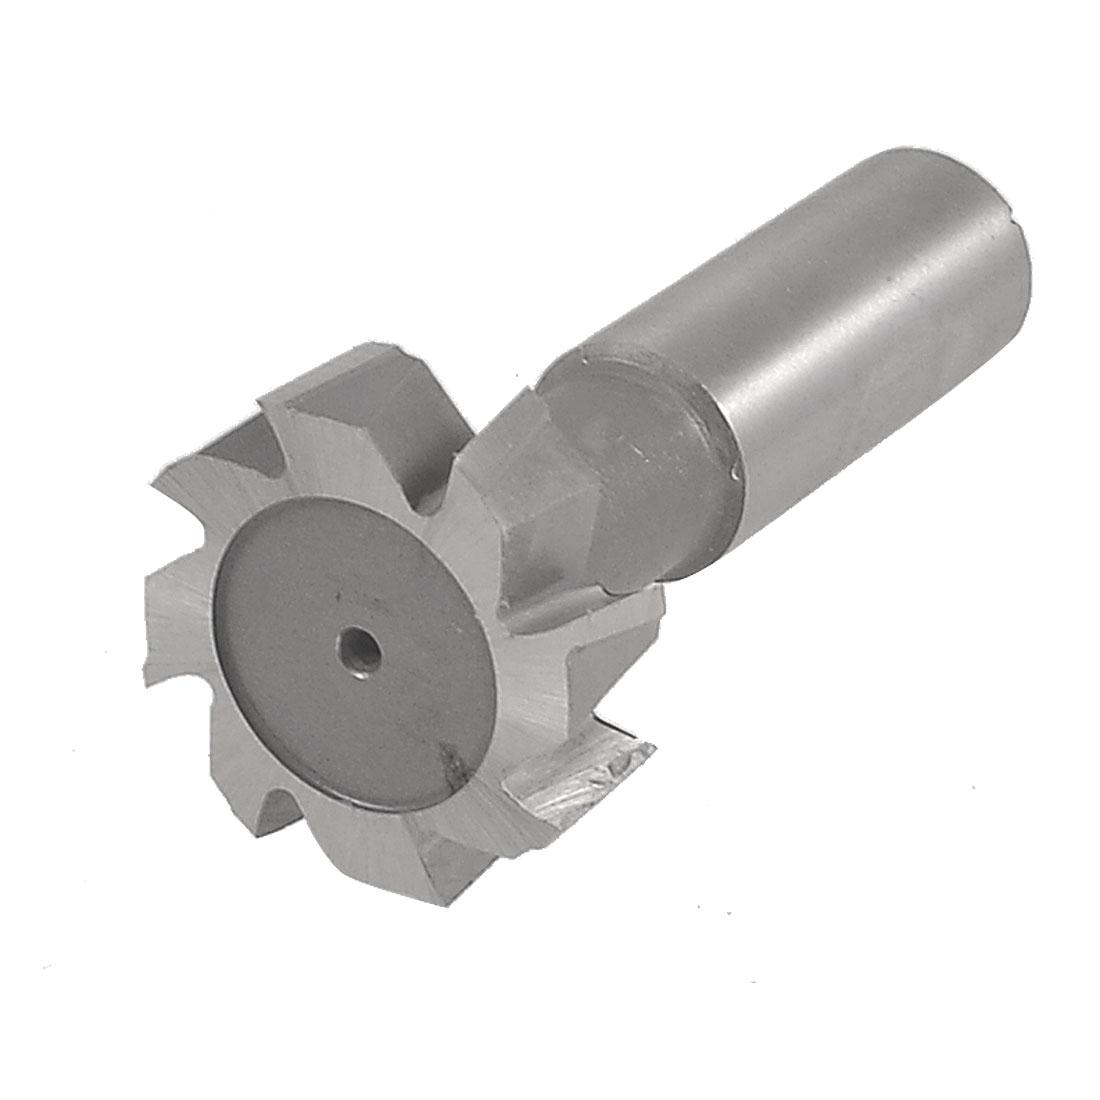 """1 9/16"""" x 1/2"""" HSS AL 8 Flutes T Slot Milling Cutter End Mill w Plastic Storage Box"""